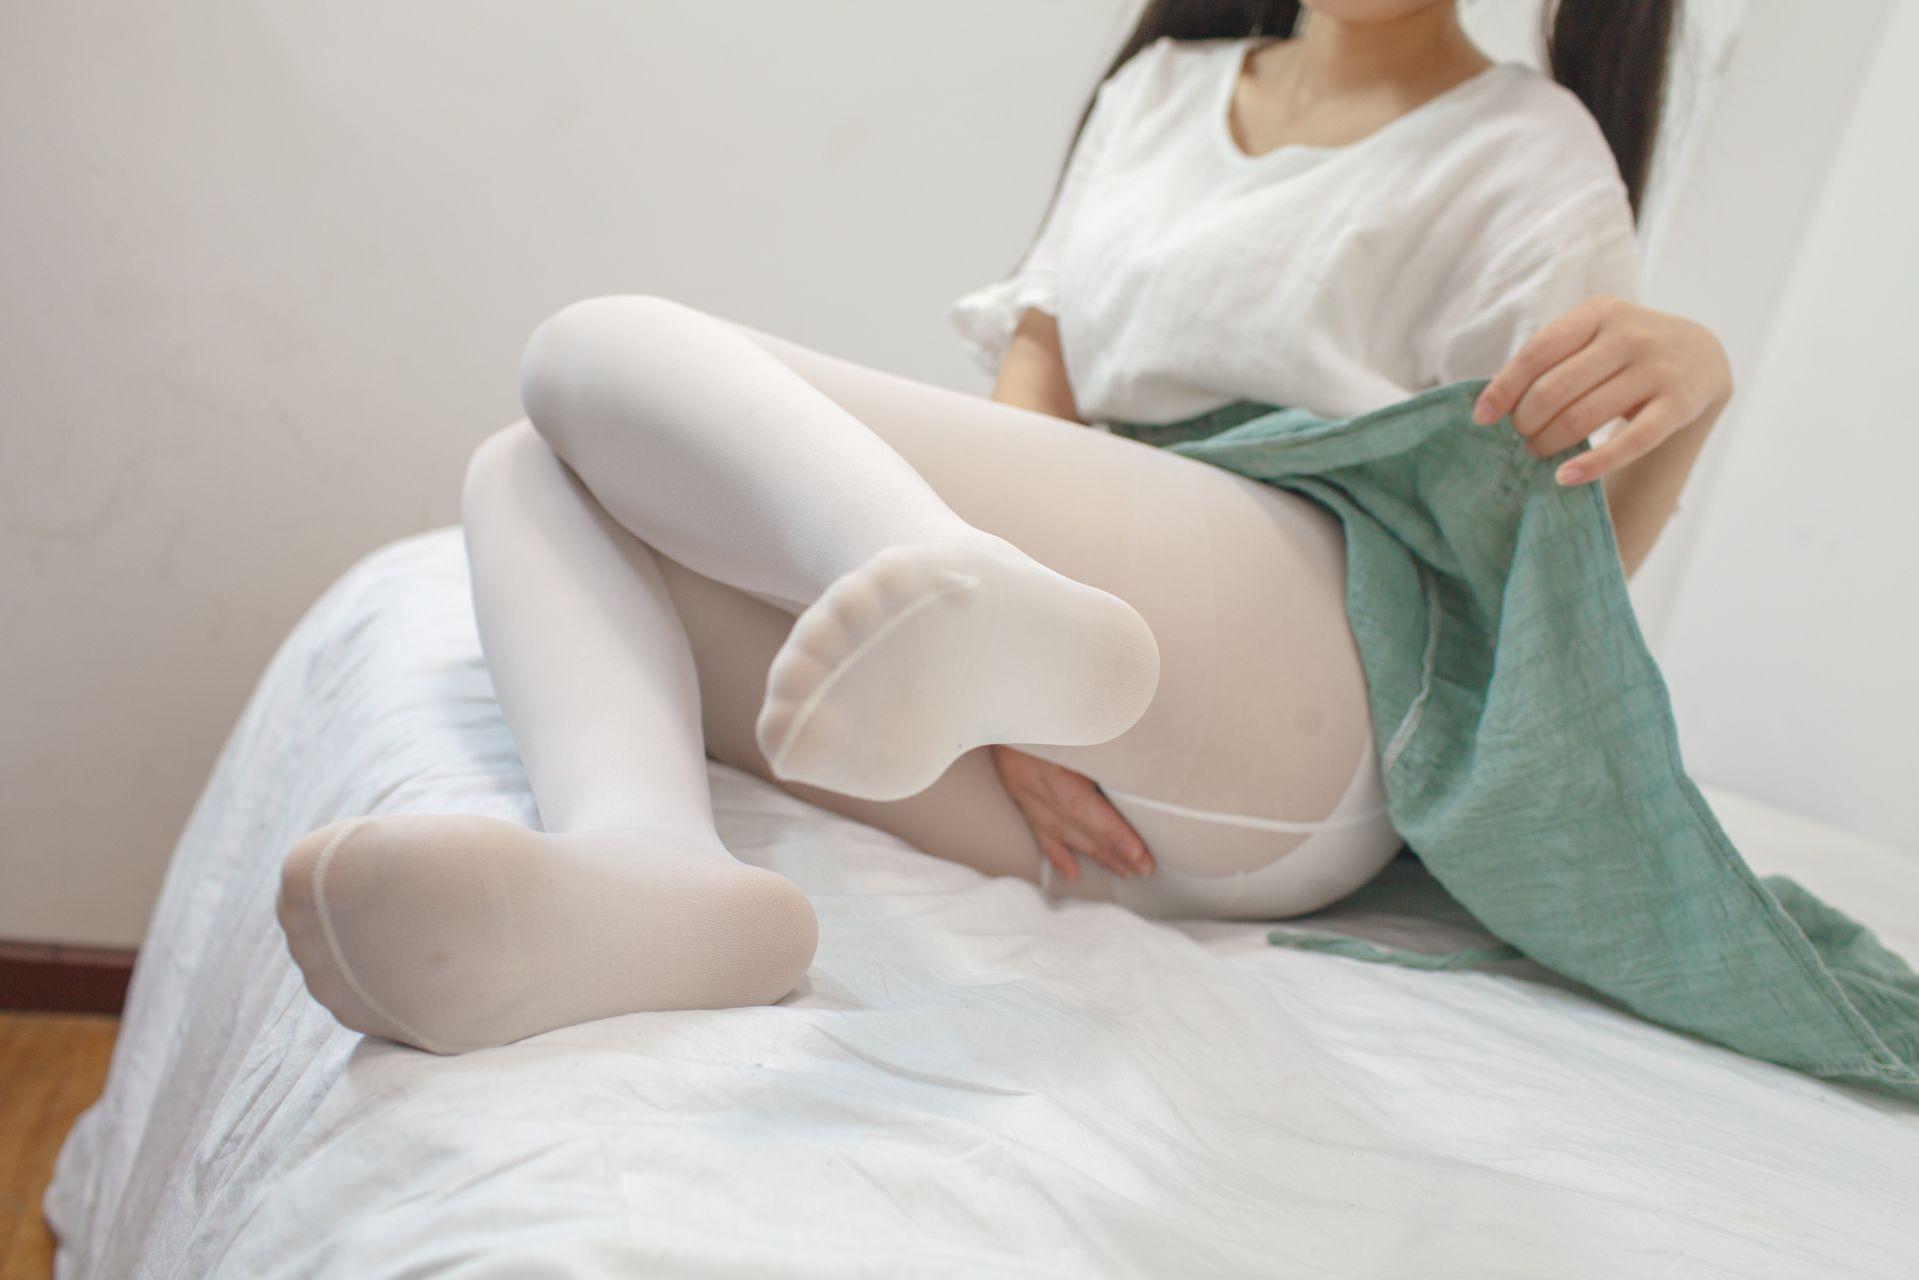 少女秩序 EXVOL.03 私房白丝美腿 兔玩映画 第17张